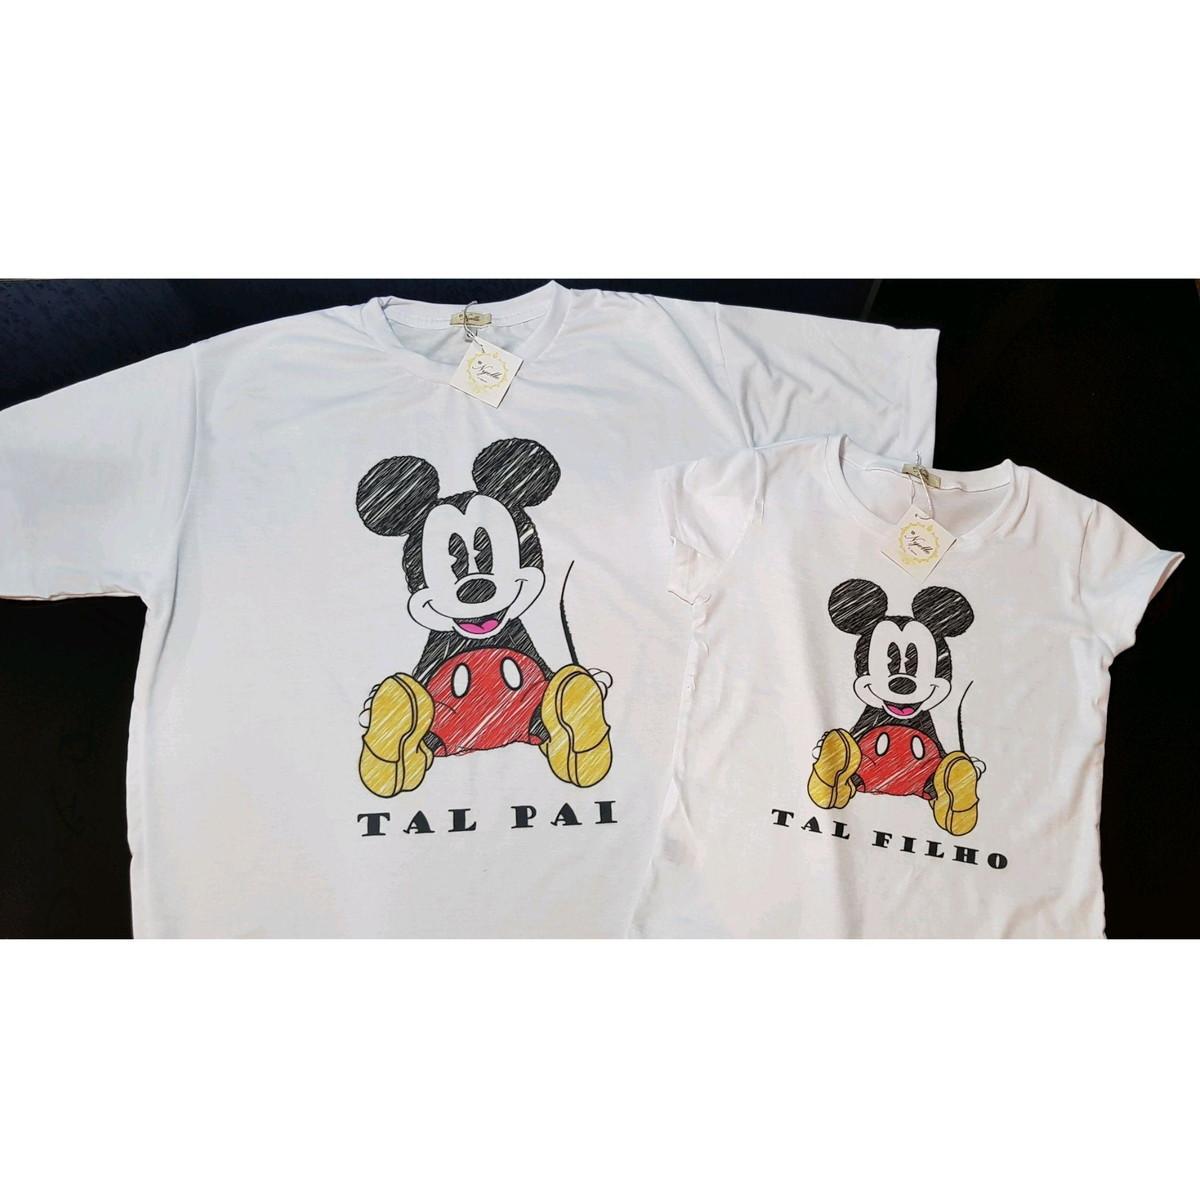 c1f0bf4354d535 Camisetas T-Shirt Masculina - Tal Pai, Tal Filho - Mickey